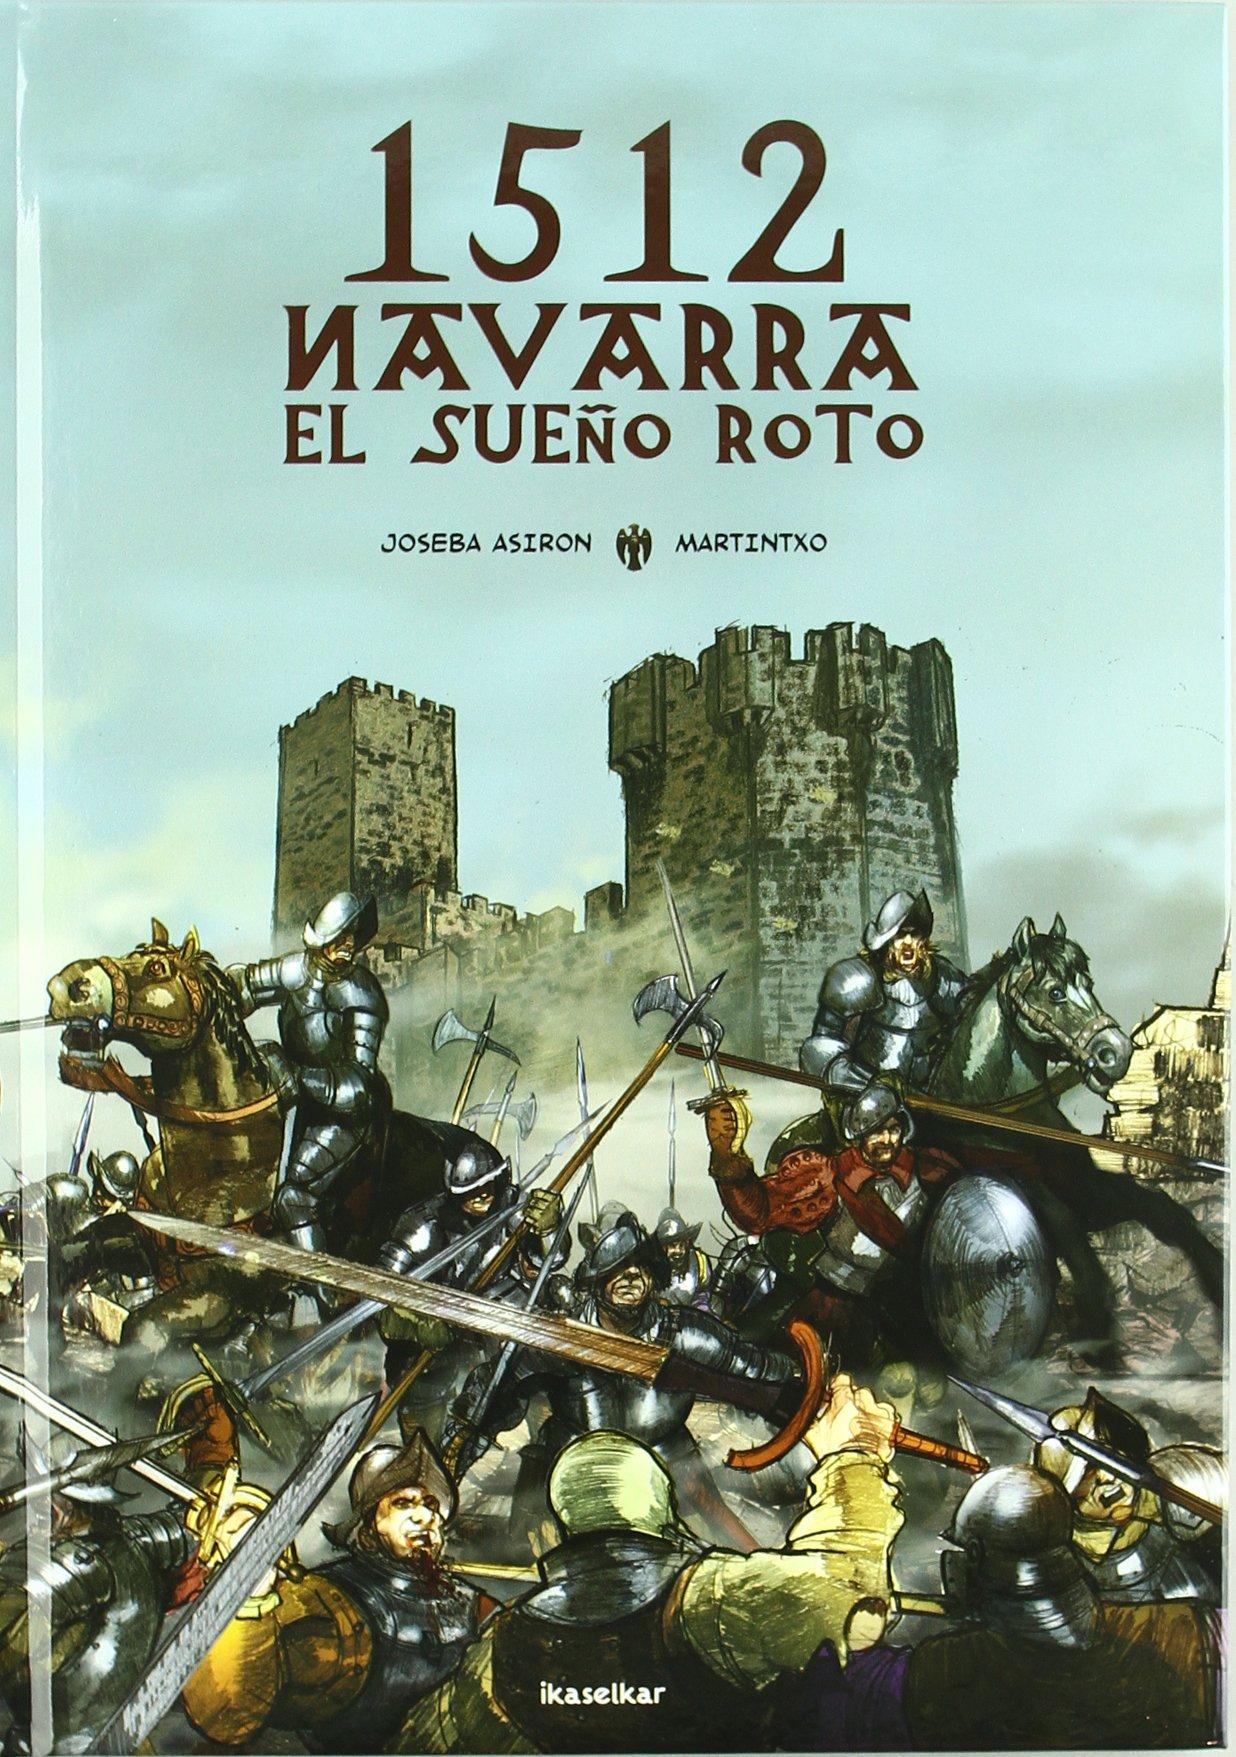 1512 Navarra. El sueño roto: Joseba Asiron: 9788493941840: Amazon.com: Books